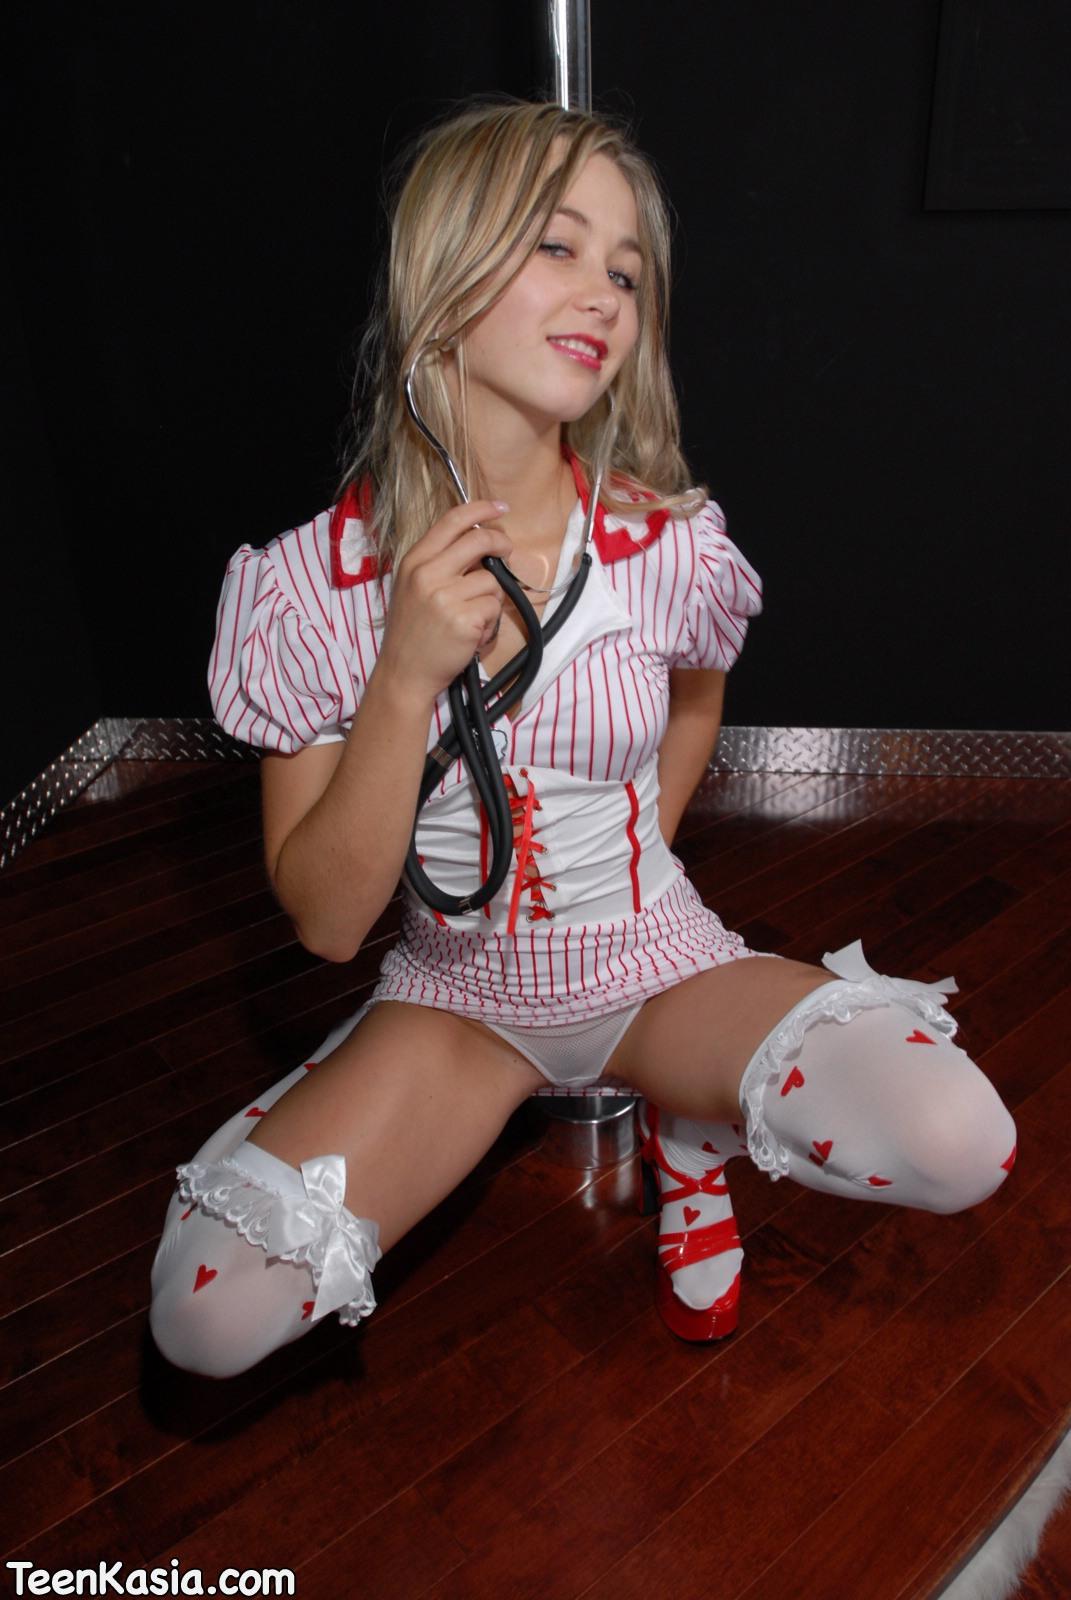 Teen Kasia Nurse Fantasy Pole Dance - SexyGirlCity: free porno pics